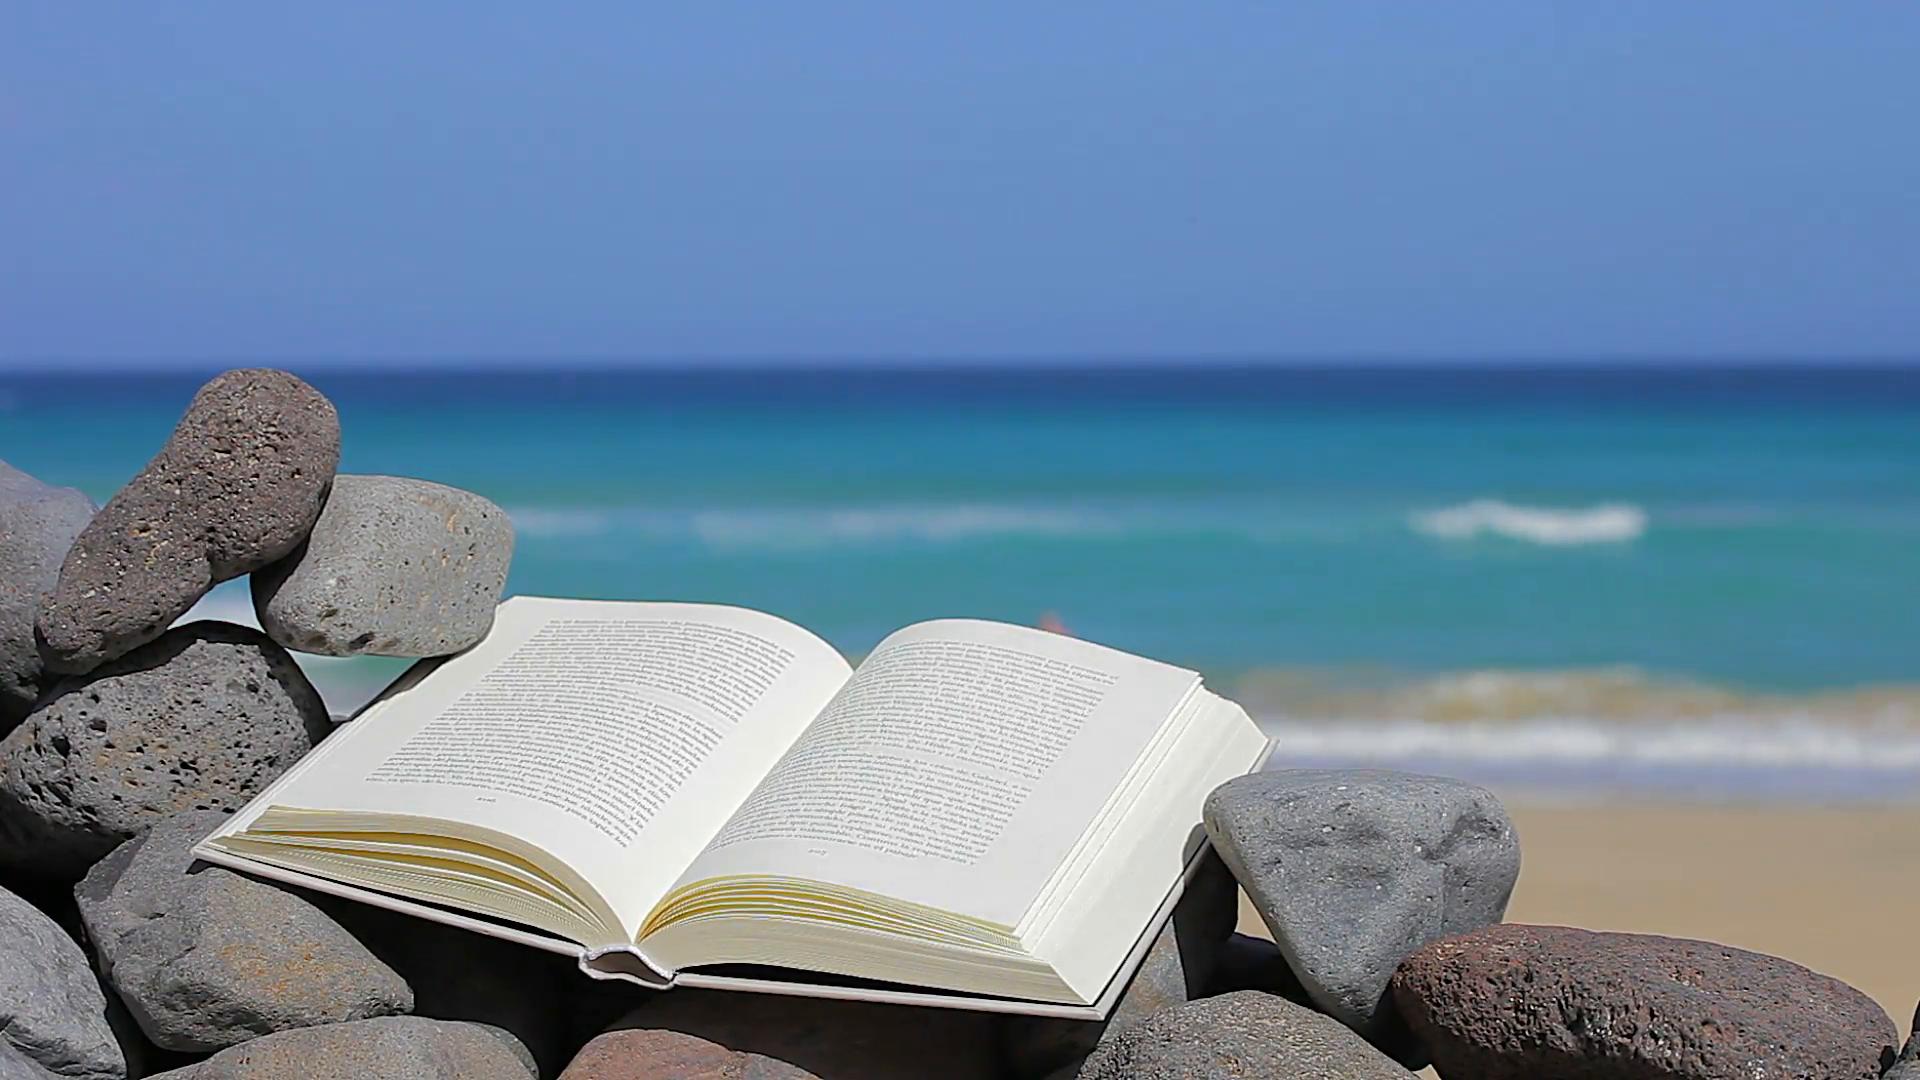 کتابهایی برای جزیره تنهایی